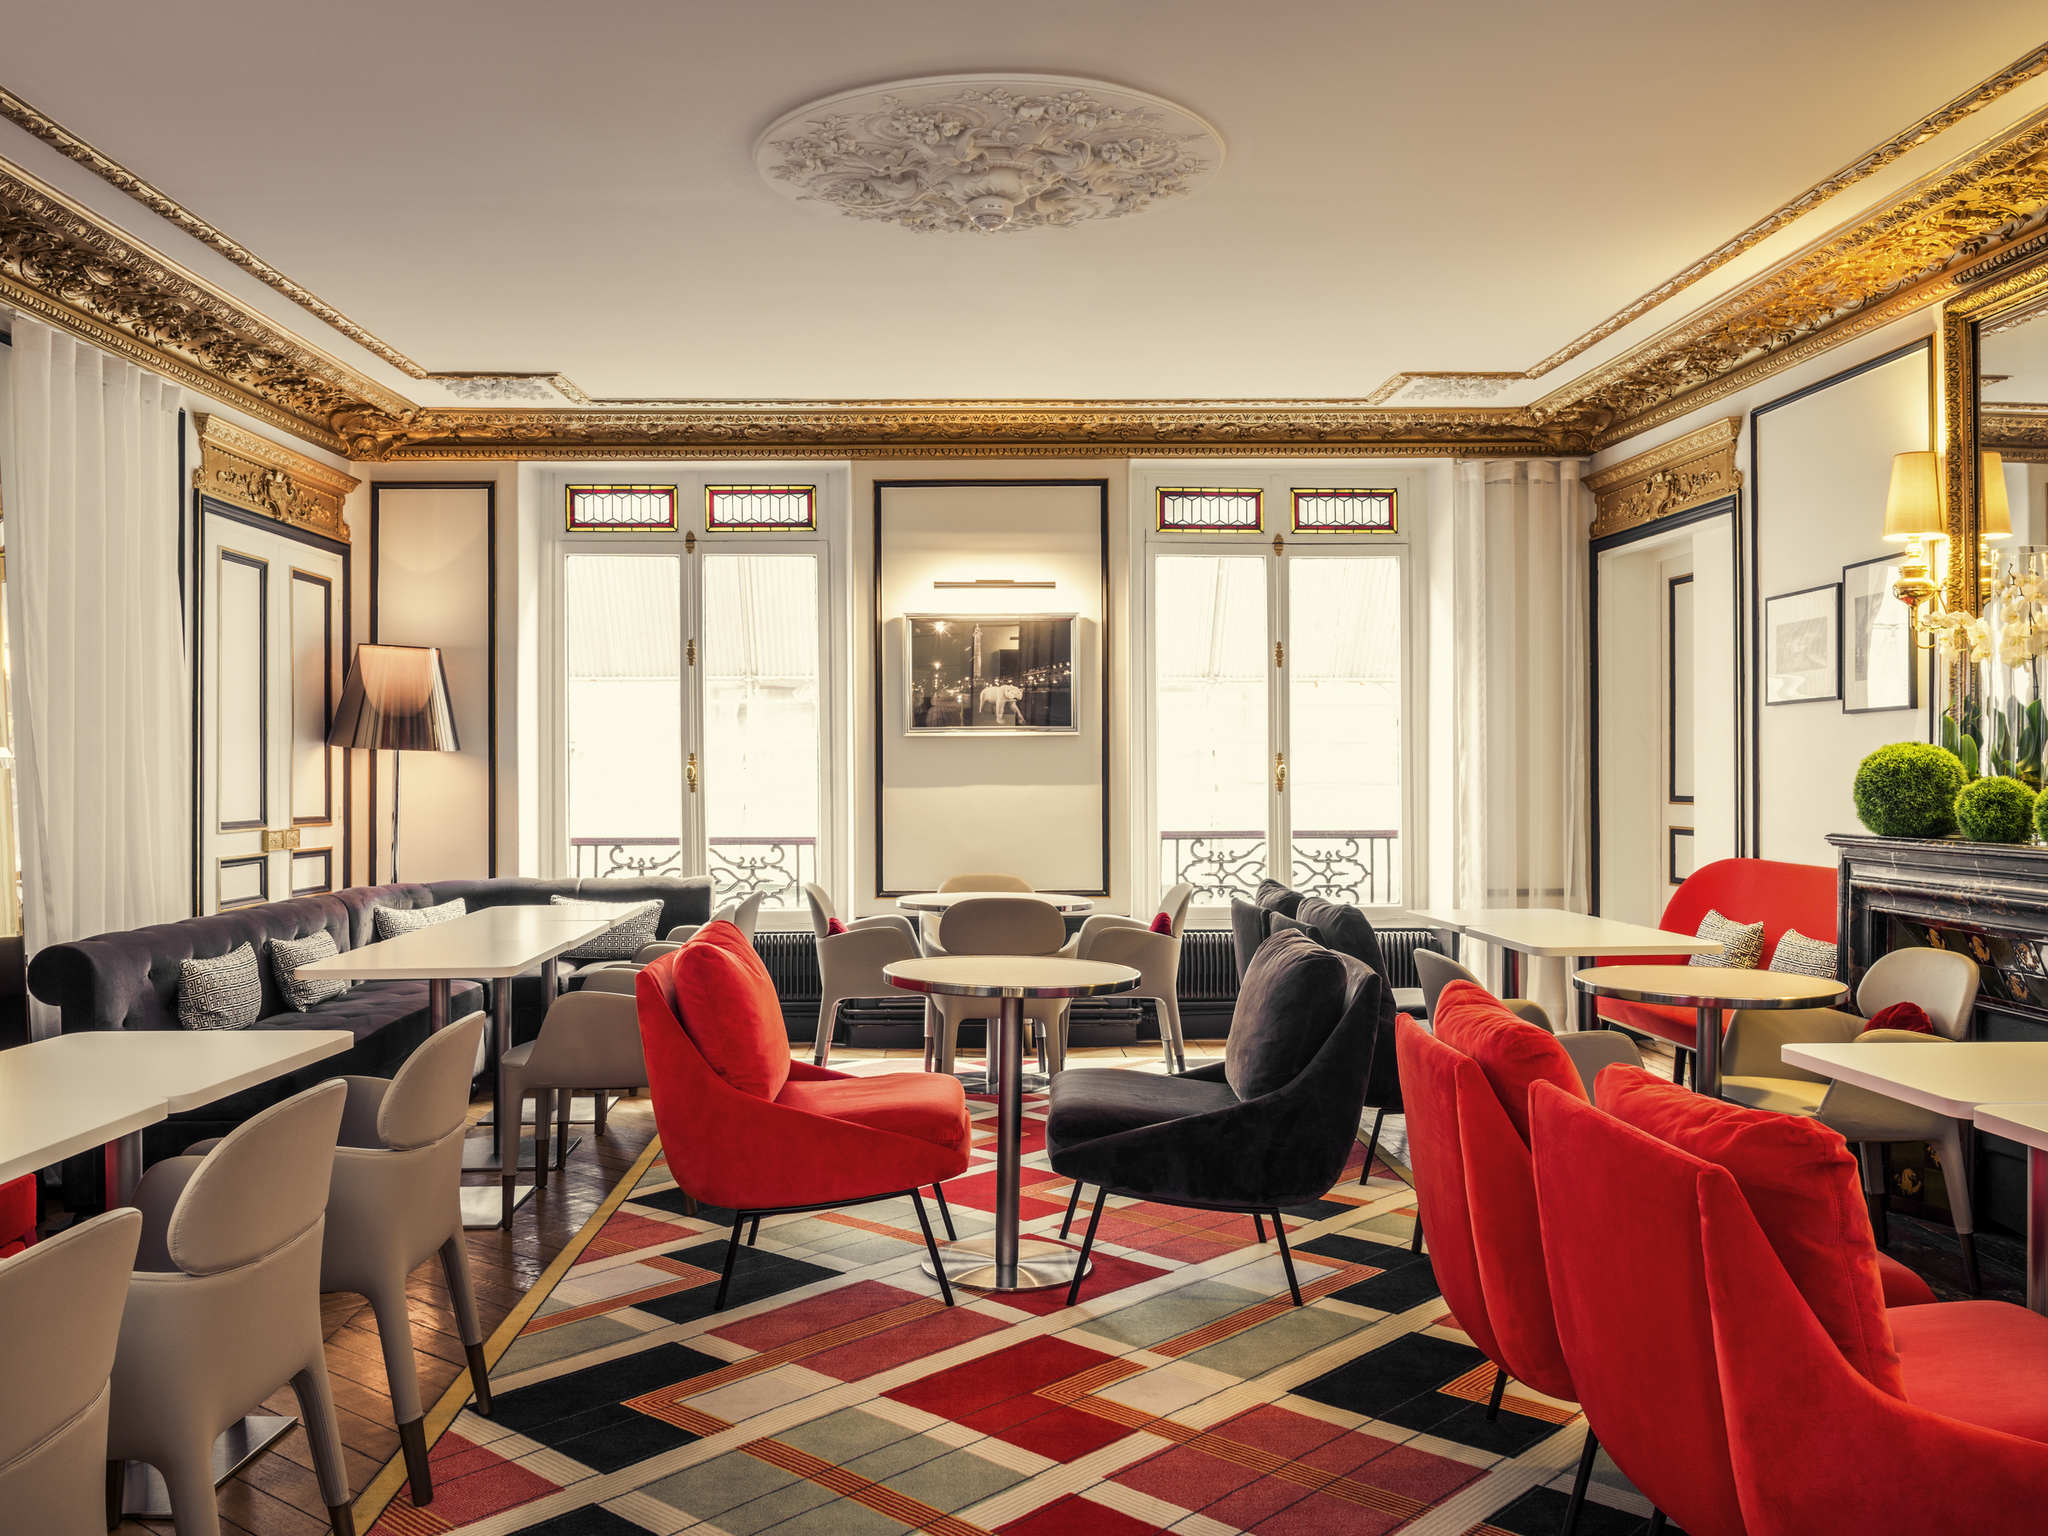 โรงแรม – โรงแรมเมอร์เคียว ปารีส โอเปร่า กูสเซ